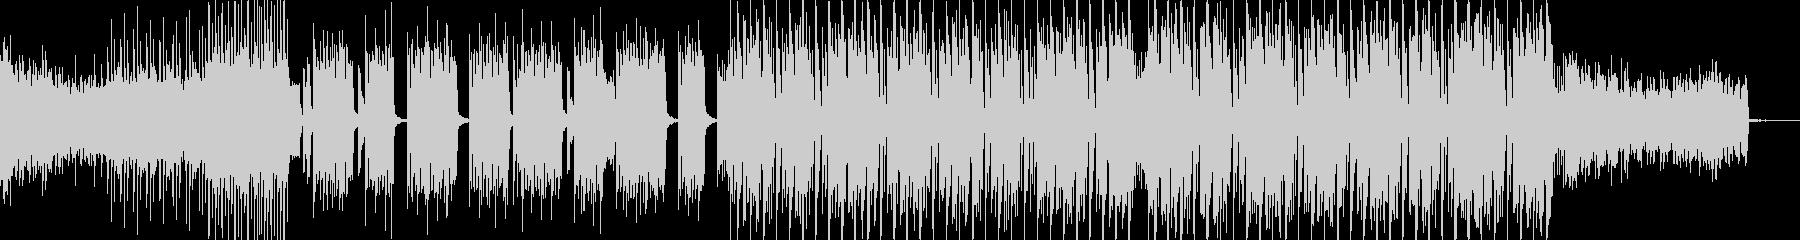 疾走感のあるFuturebass02 の未再生の波形